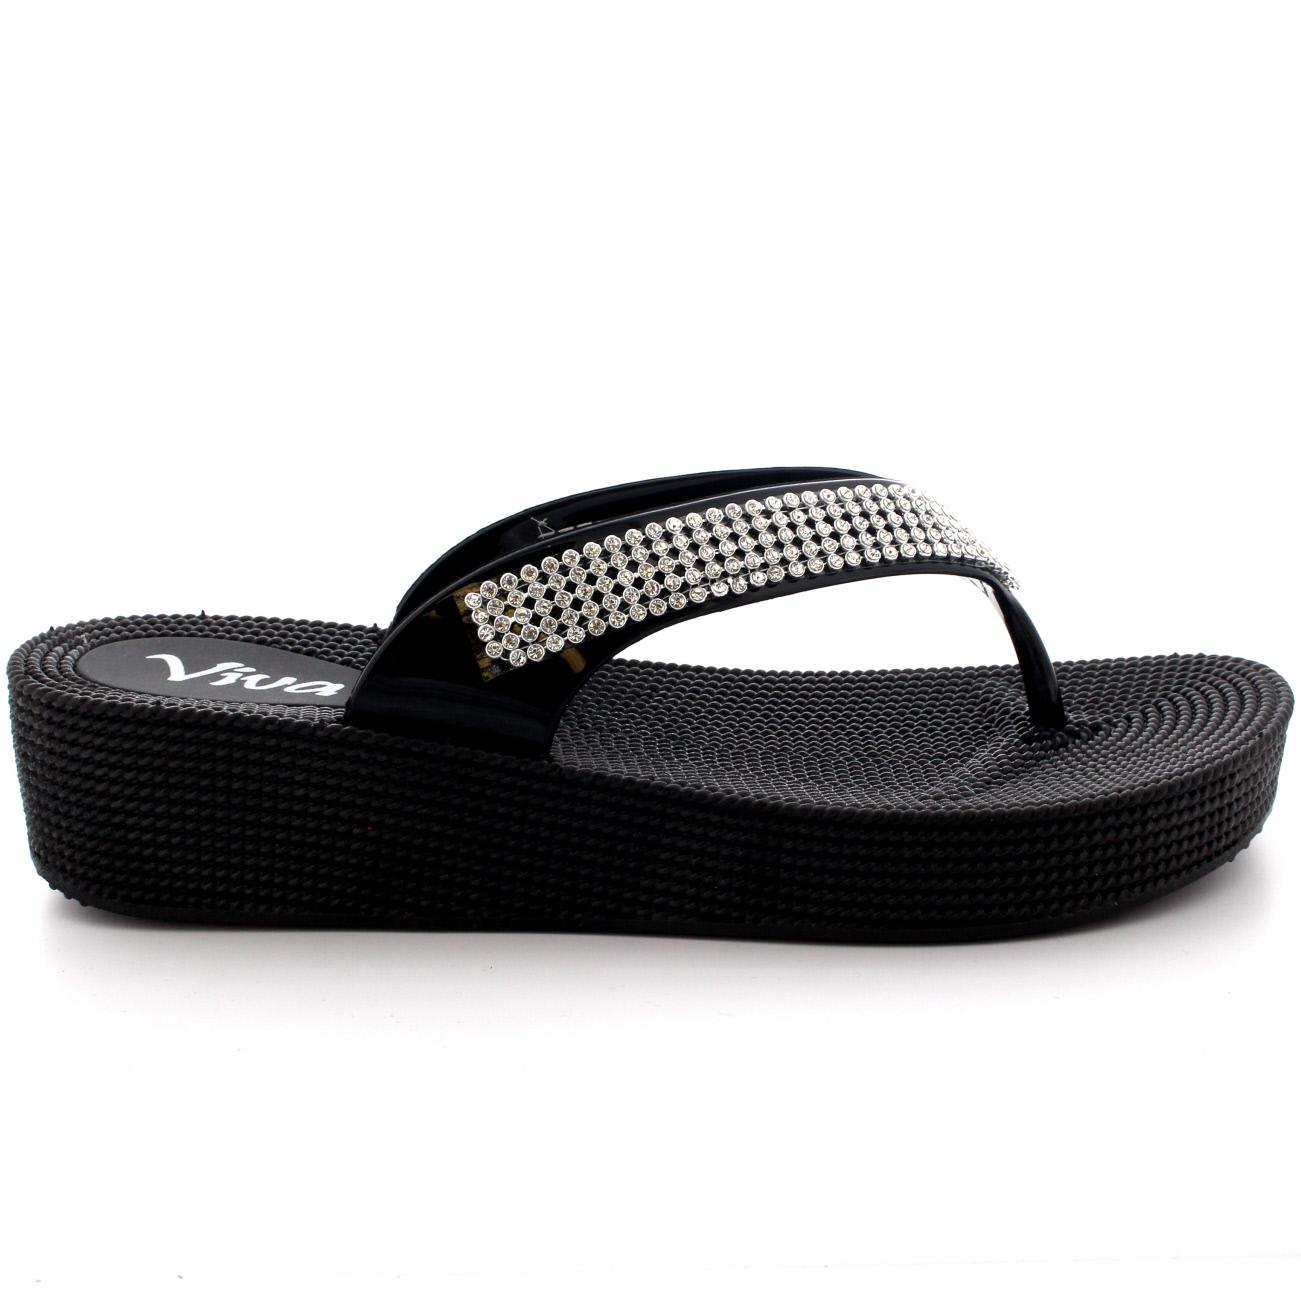 Señoras Toe Post con Tiras Tacón Bajo Zapato De Jalea Diamante Sandalias Flip Flop todos los tamaños